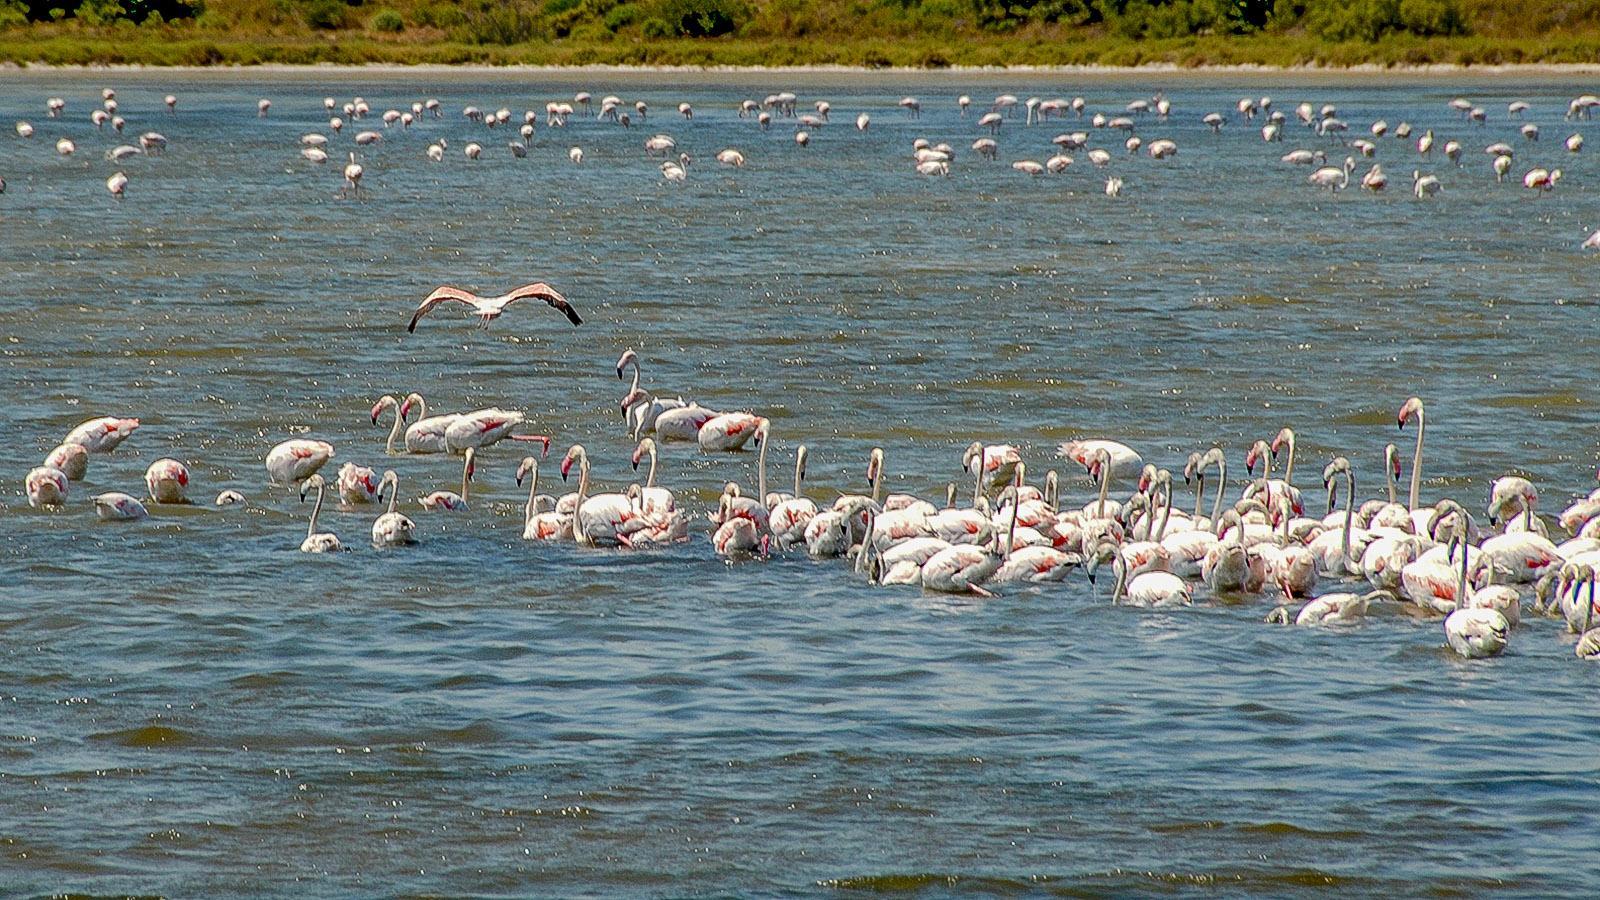 Lagunenseen im Languedoc: In der warmen Jahreszeit sind Flamingos hier Stammgäste. Foto: Hilkw Maunder